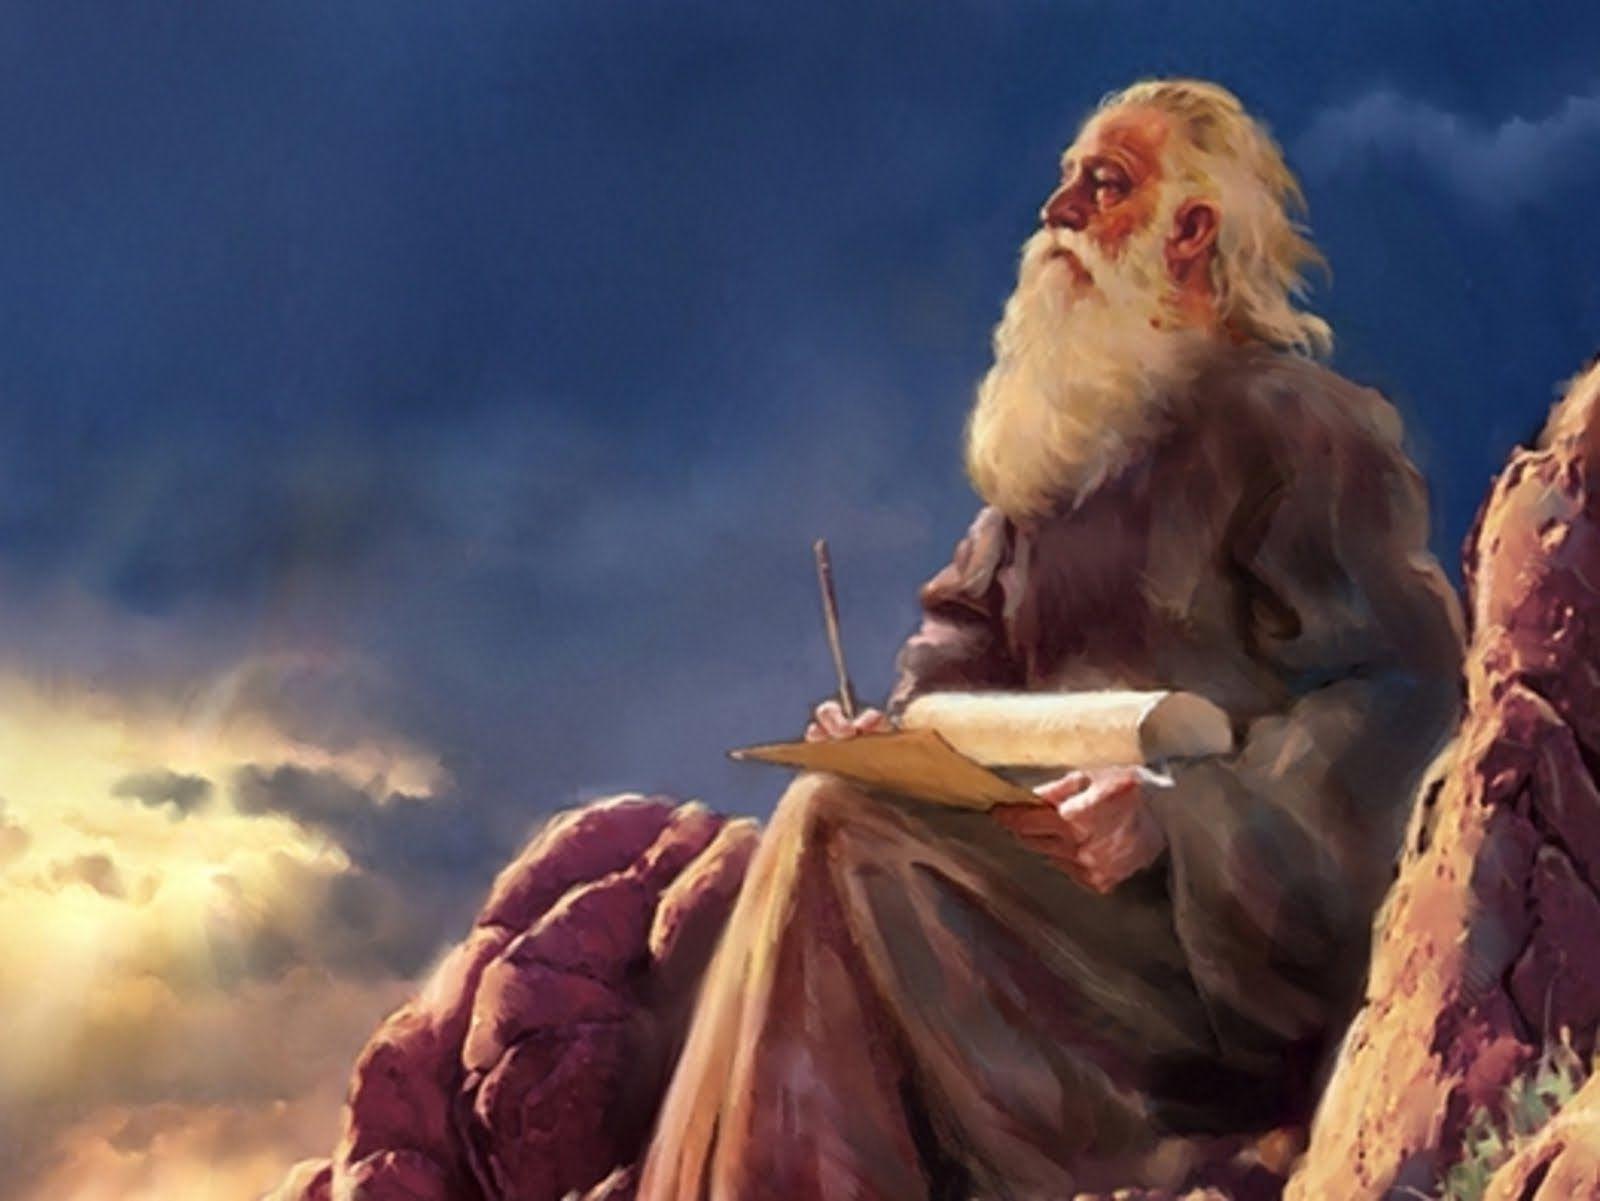 Cuál fue la Misión del Profeta Isaías y San Juan Bautista, en el plan de Dios